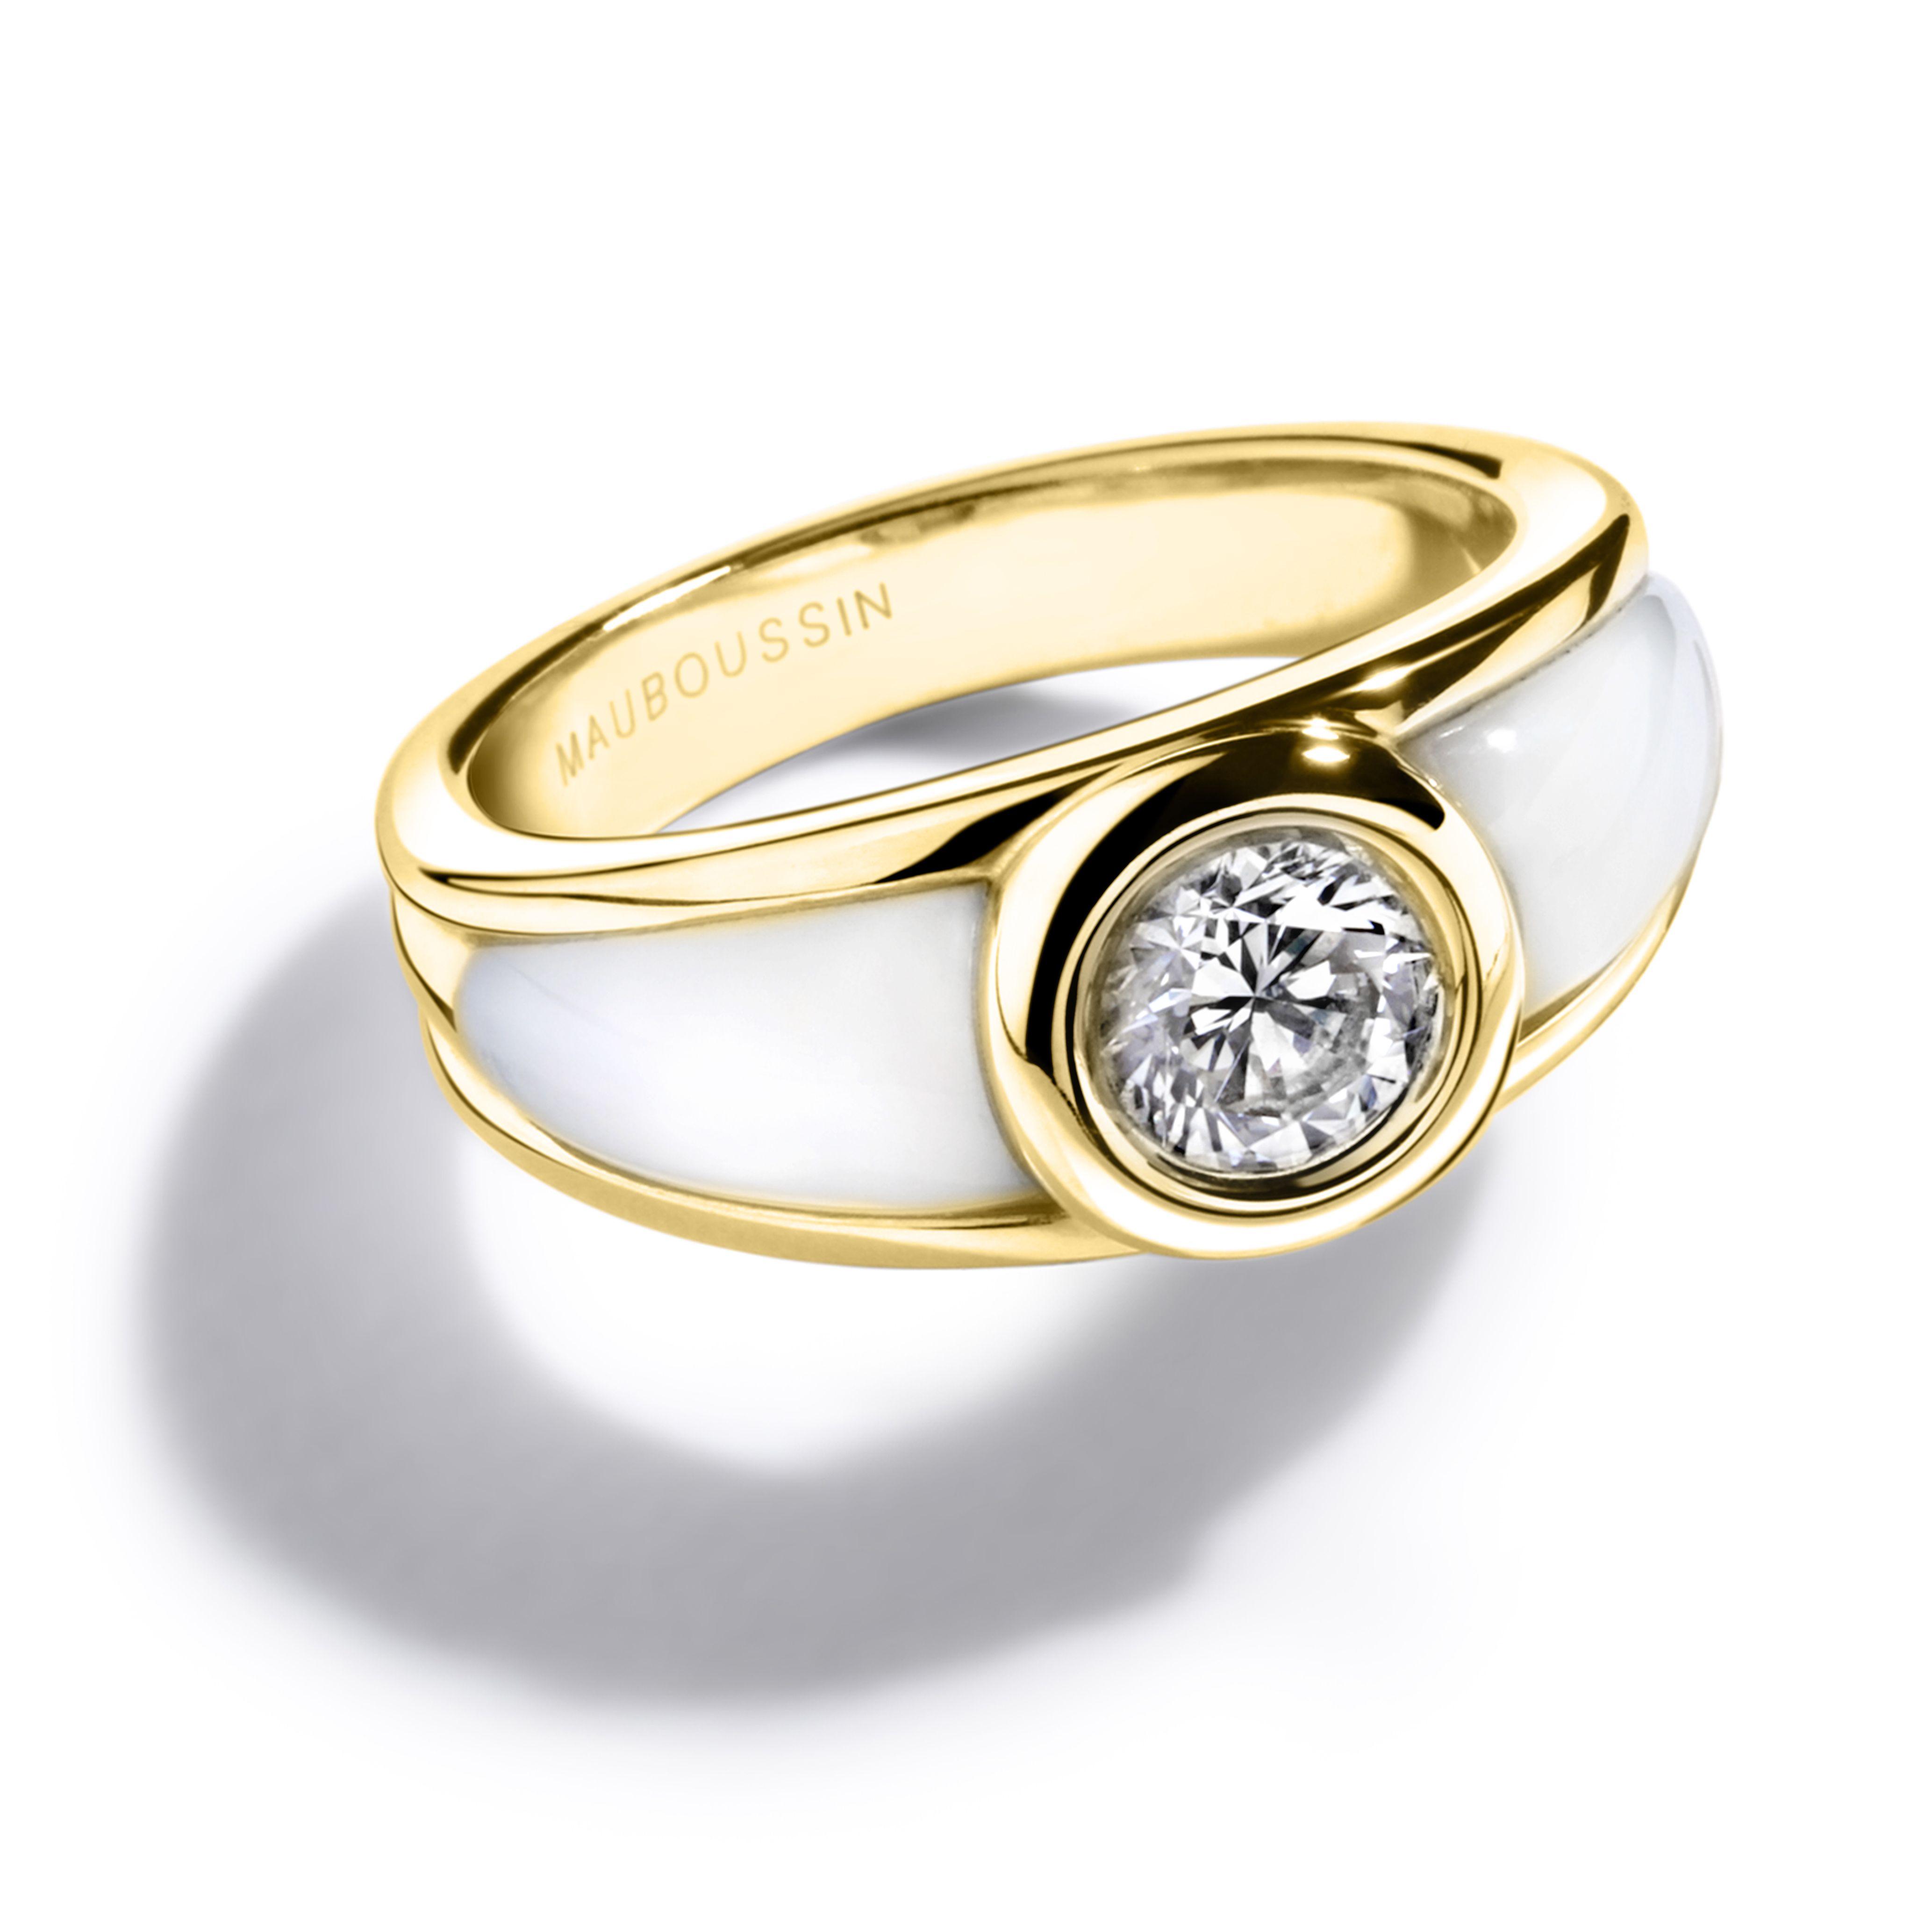 Bague Nadia en or jaune, nacre blanche et diamant   Dites Oui avec ... 2b627c1e0263